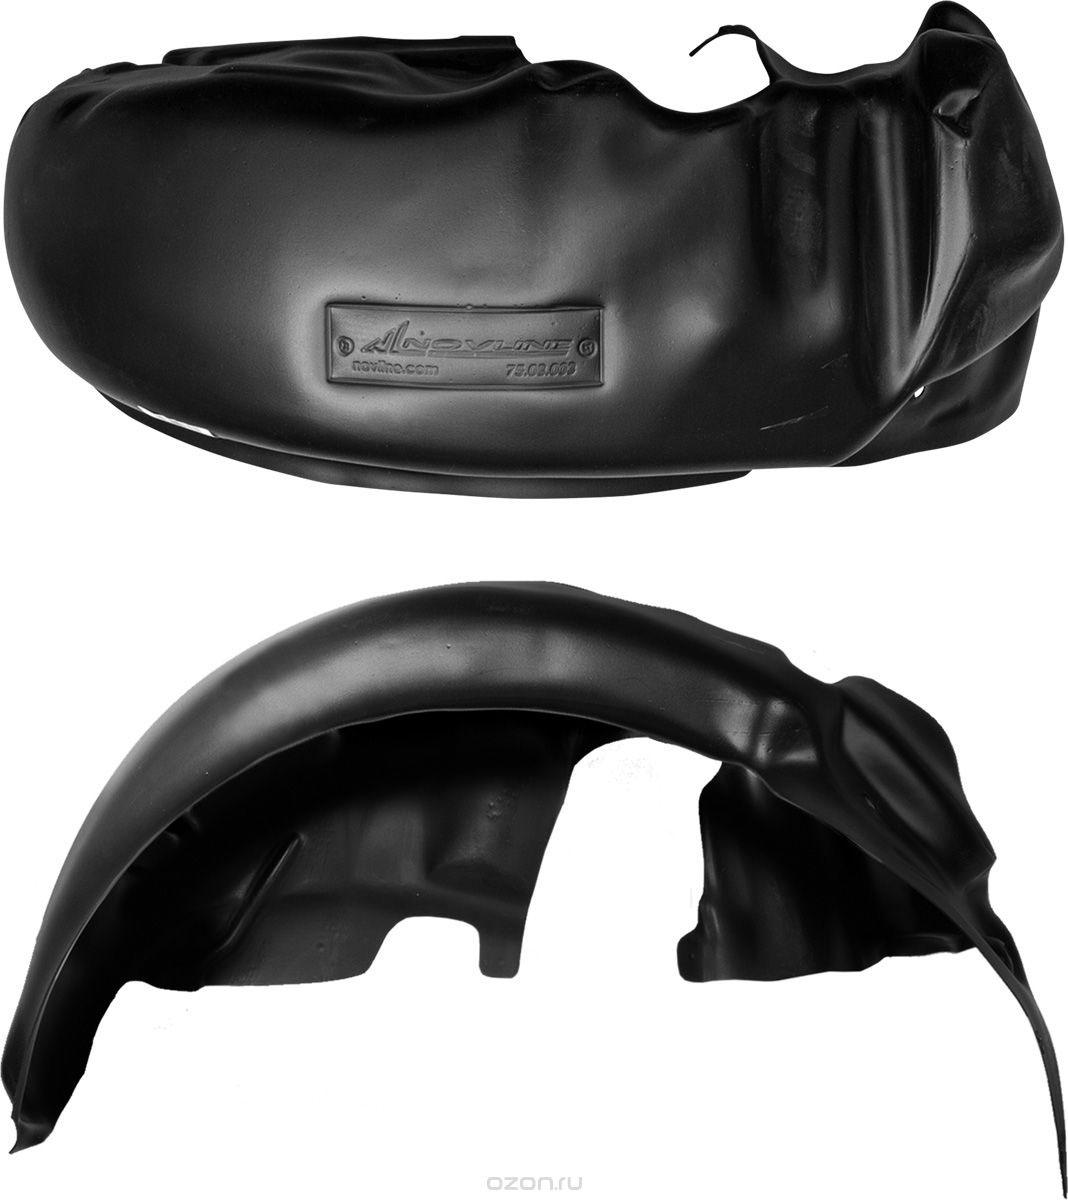 Подкрылок Novline-Autofamily, для Chery Amulet, 10/2003-2009, задний левыйNLL.63.02.003Идеальная защита колесной ниши. Локеры разработаны с применением цифровых технологий, гарантируют максимальную повторяемость поверхности арки. Изделия устанавливаются без нарушения лакокрасочного покрытия автомобиля, каждый подкрылок комплектуется крепежом. Уважаемые клиенты, обращаем ваше внимание, что фотографии на подкрылки универсальные и не отражают реальную форму изделия. При этом само изделие идет точно под размер указанного автомобиля.